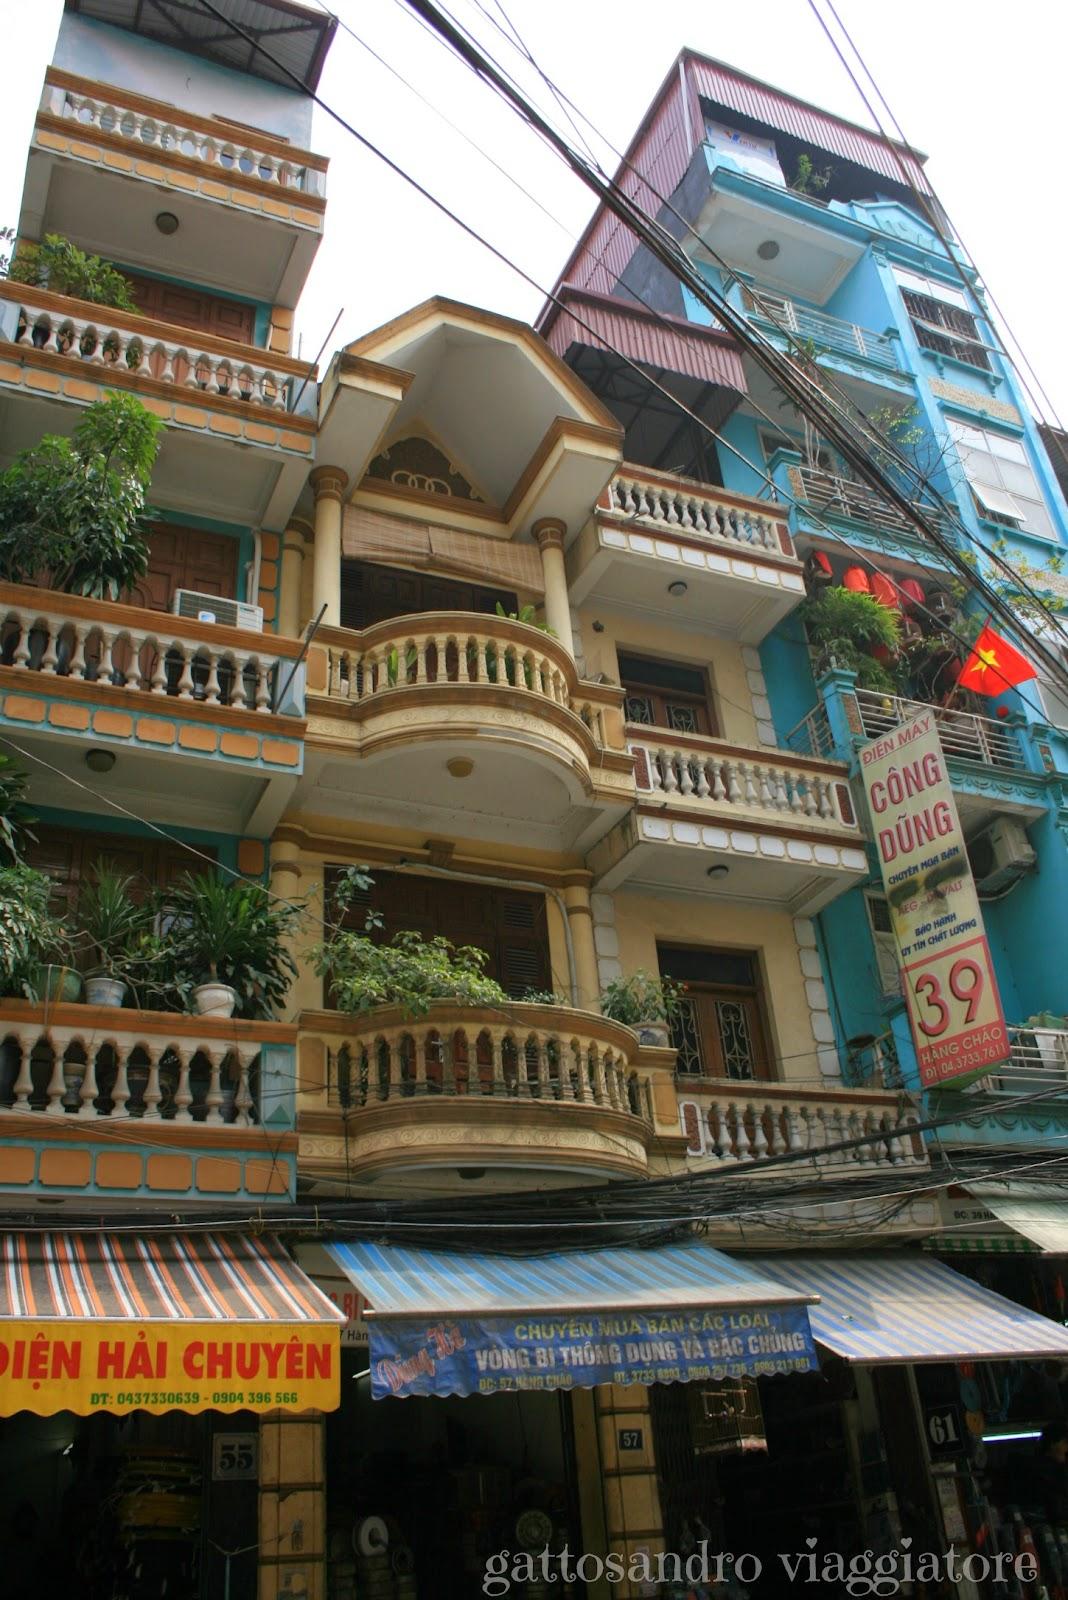 Le case di Hanoi